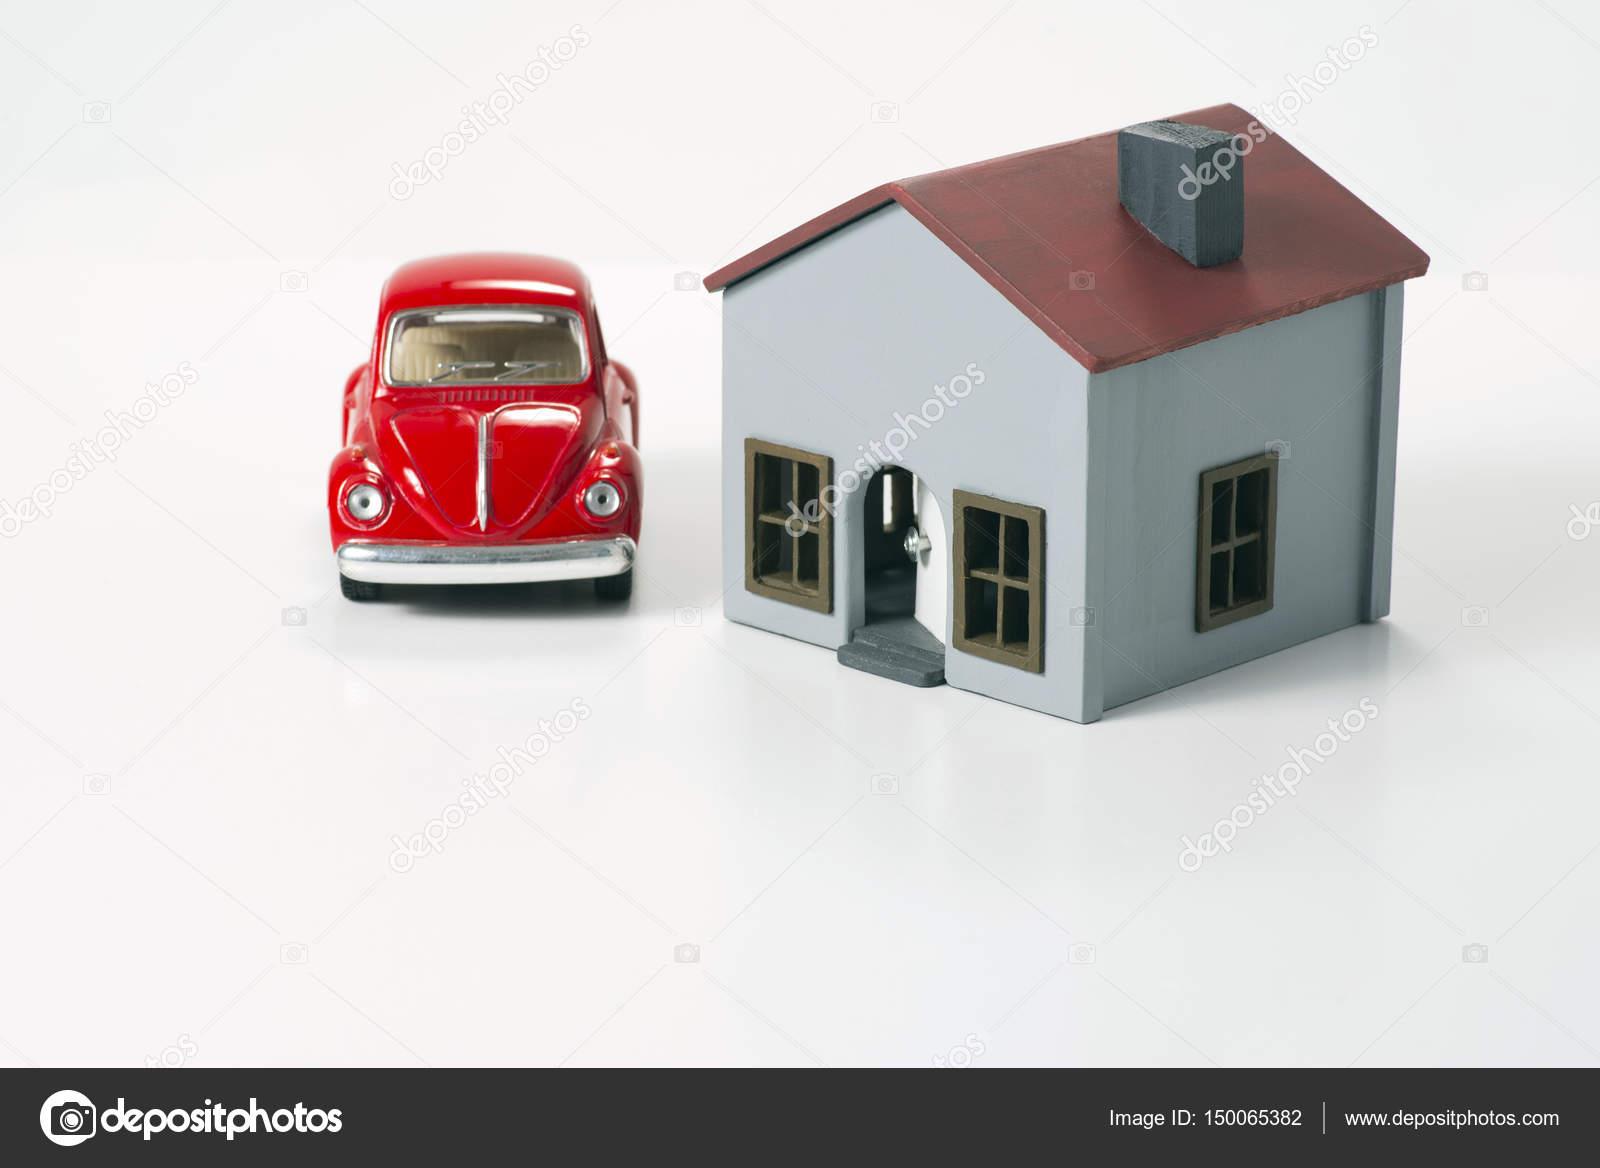 Maison Jouet De Voiture Et Miniature 3A4j5RLq